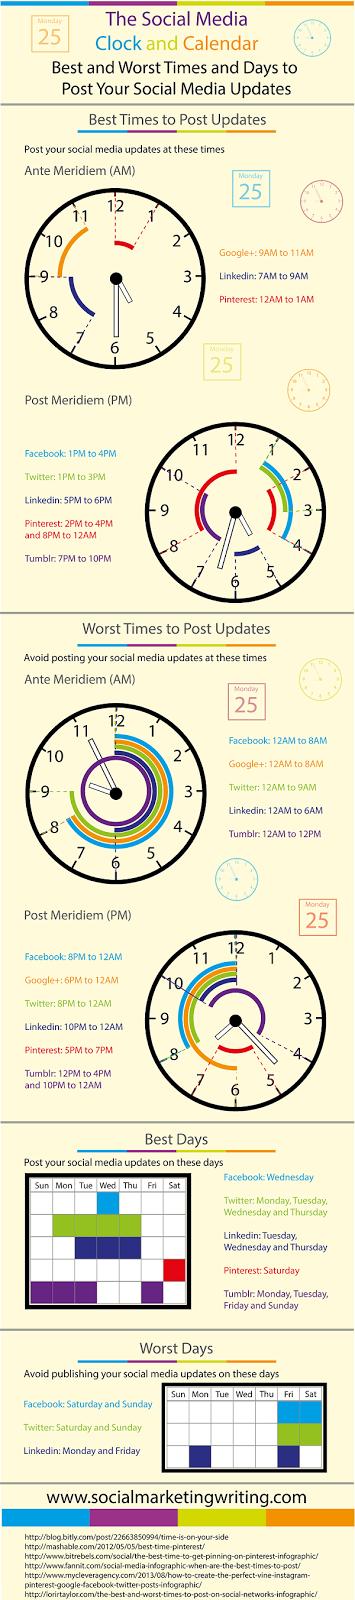 sosyal-medyada-paylasim-icin-en-iyi-ve-en-kotu-zamanlar